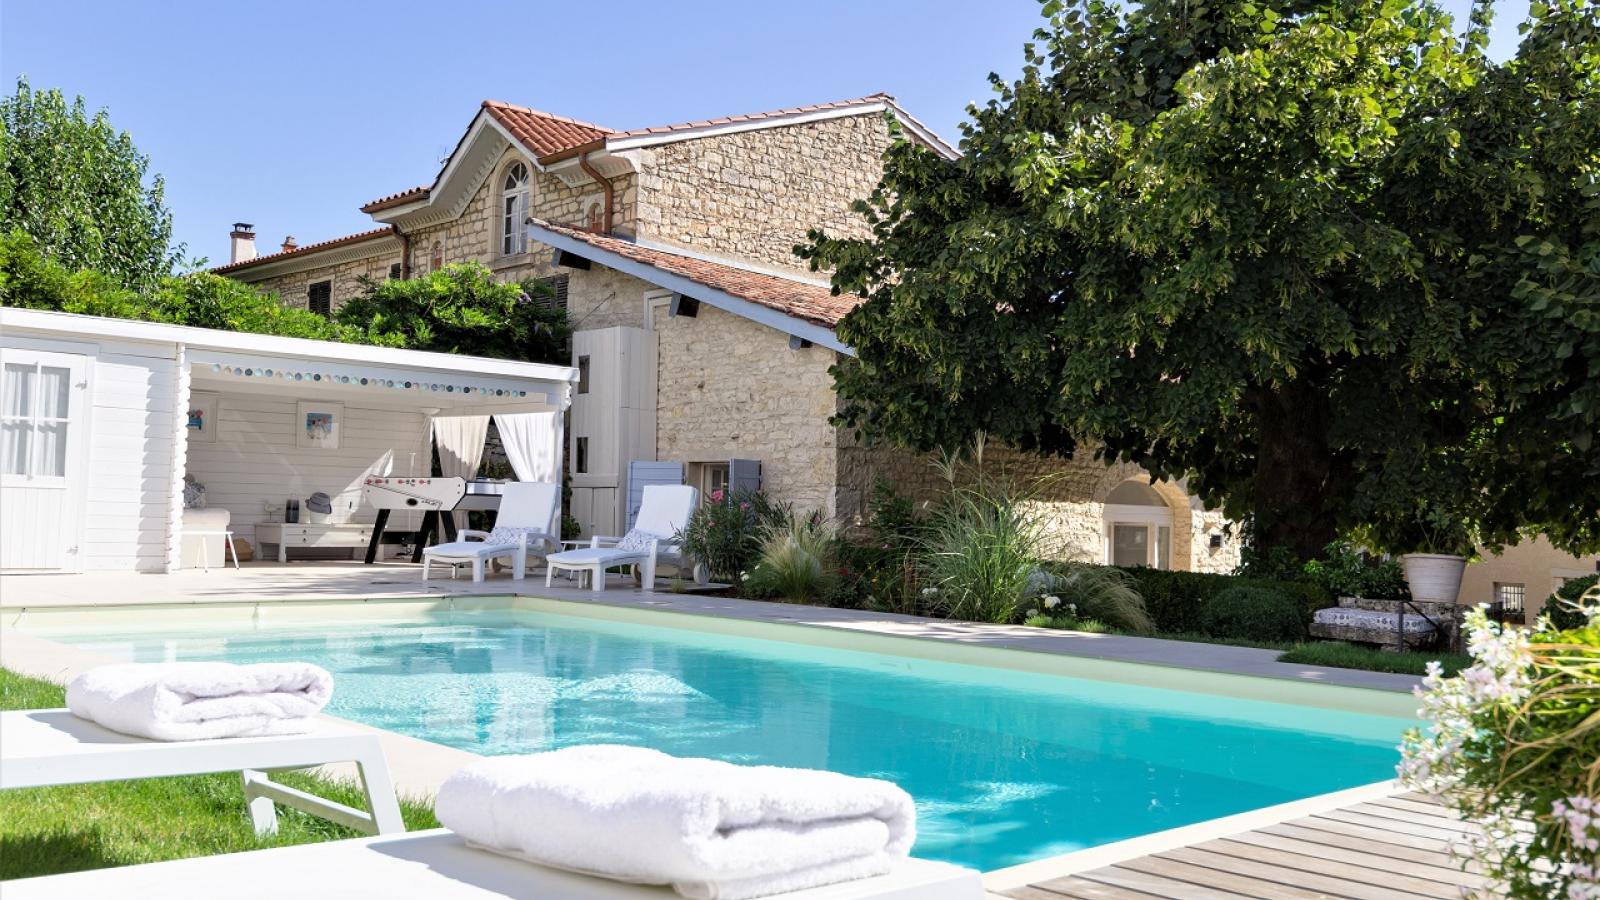 Chambres d'Hôtes 'Les deux Tilleuls' à Lucenay dans le Beaujolais - Rhône : la piscine dans le jardin en terrasse.